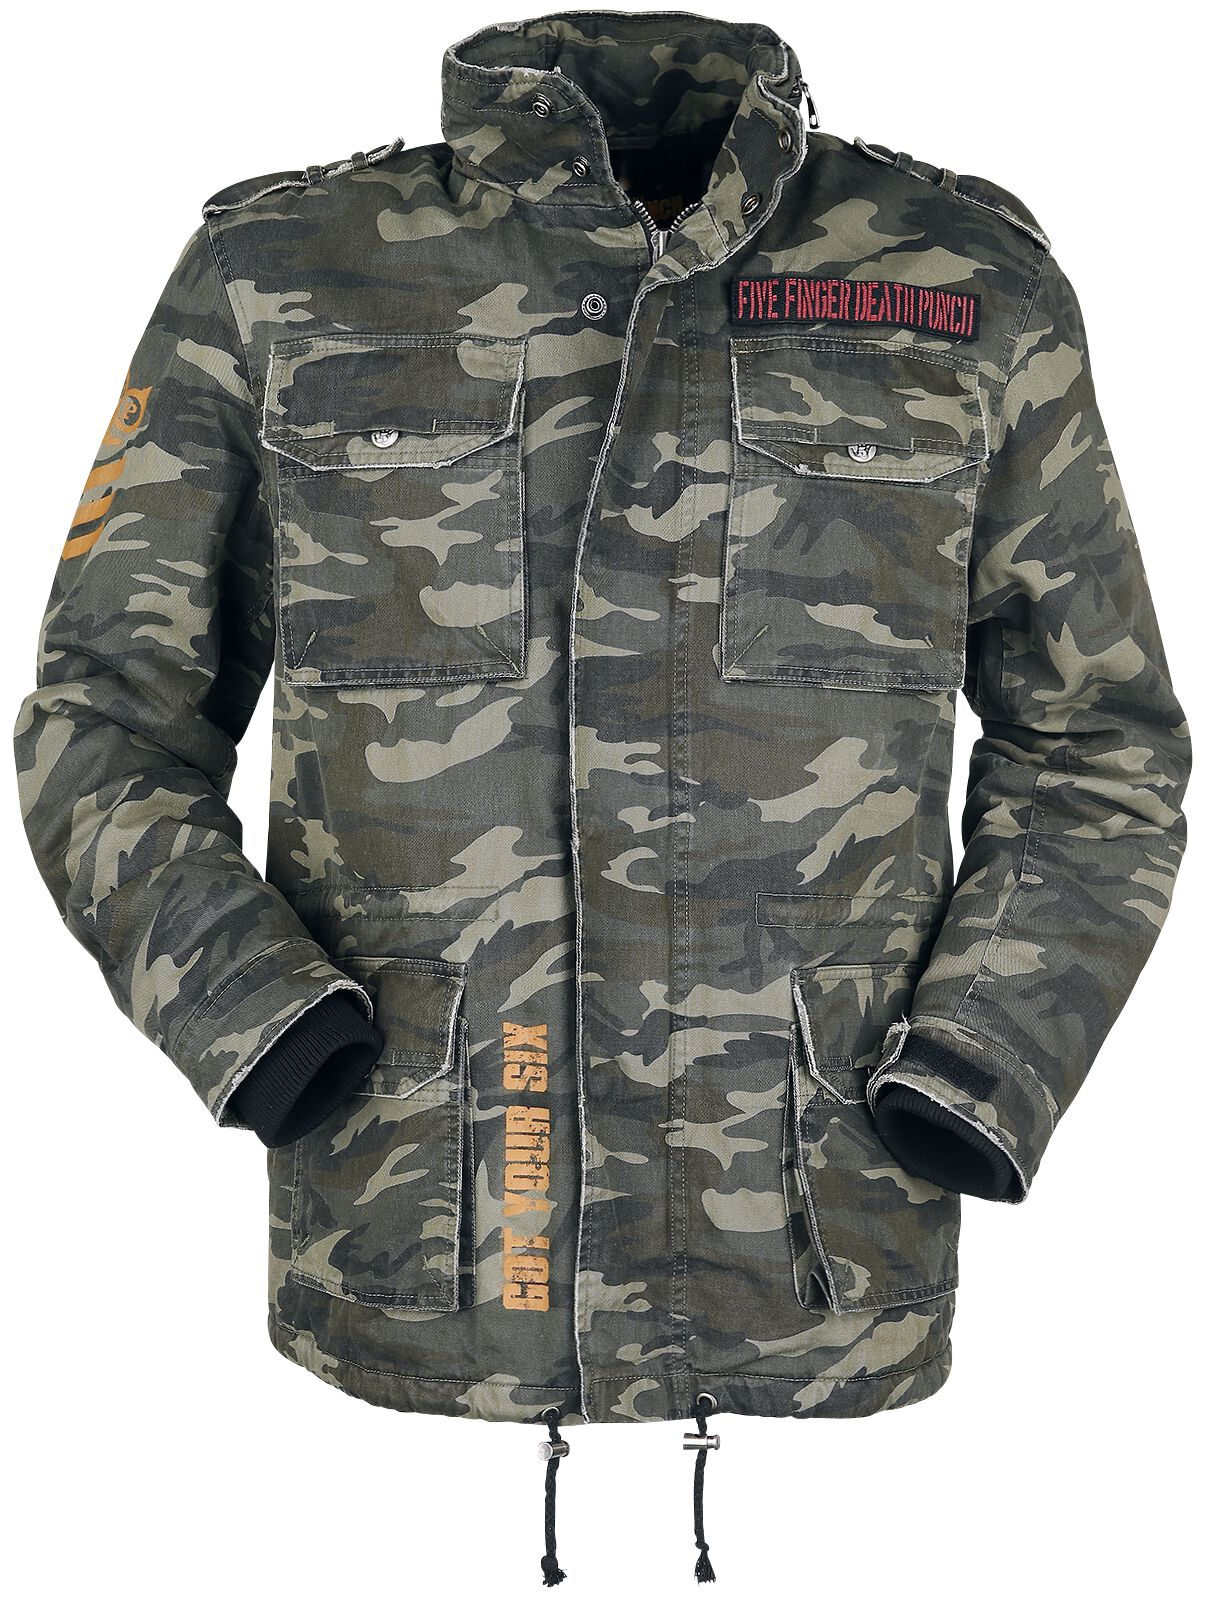 Image of   Five Finger Death Punch EMP Signature Collection Jakke camouflage olivengrøn